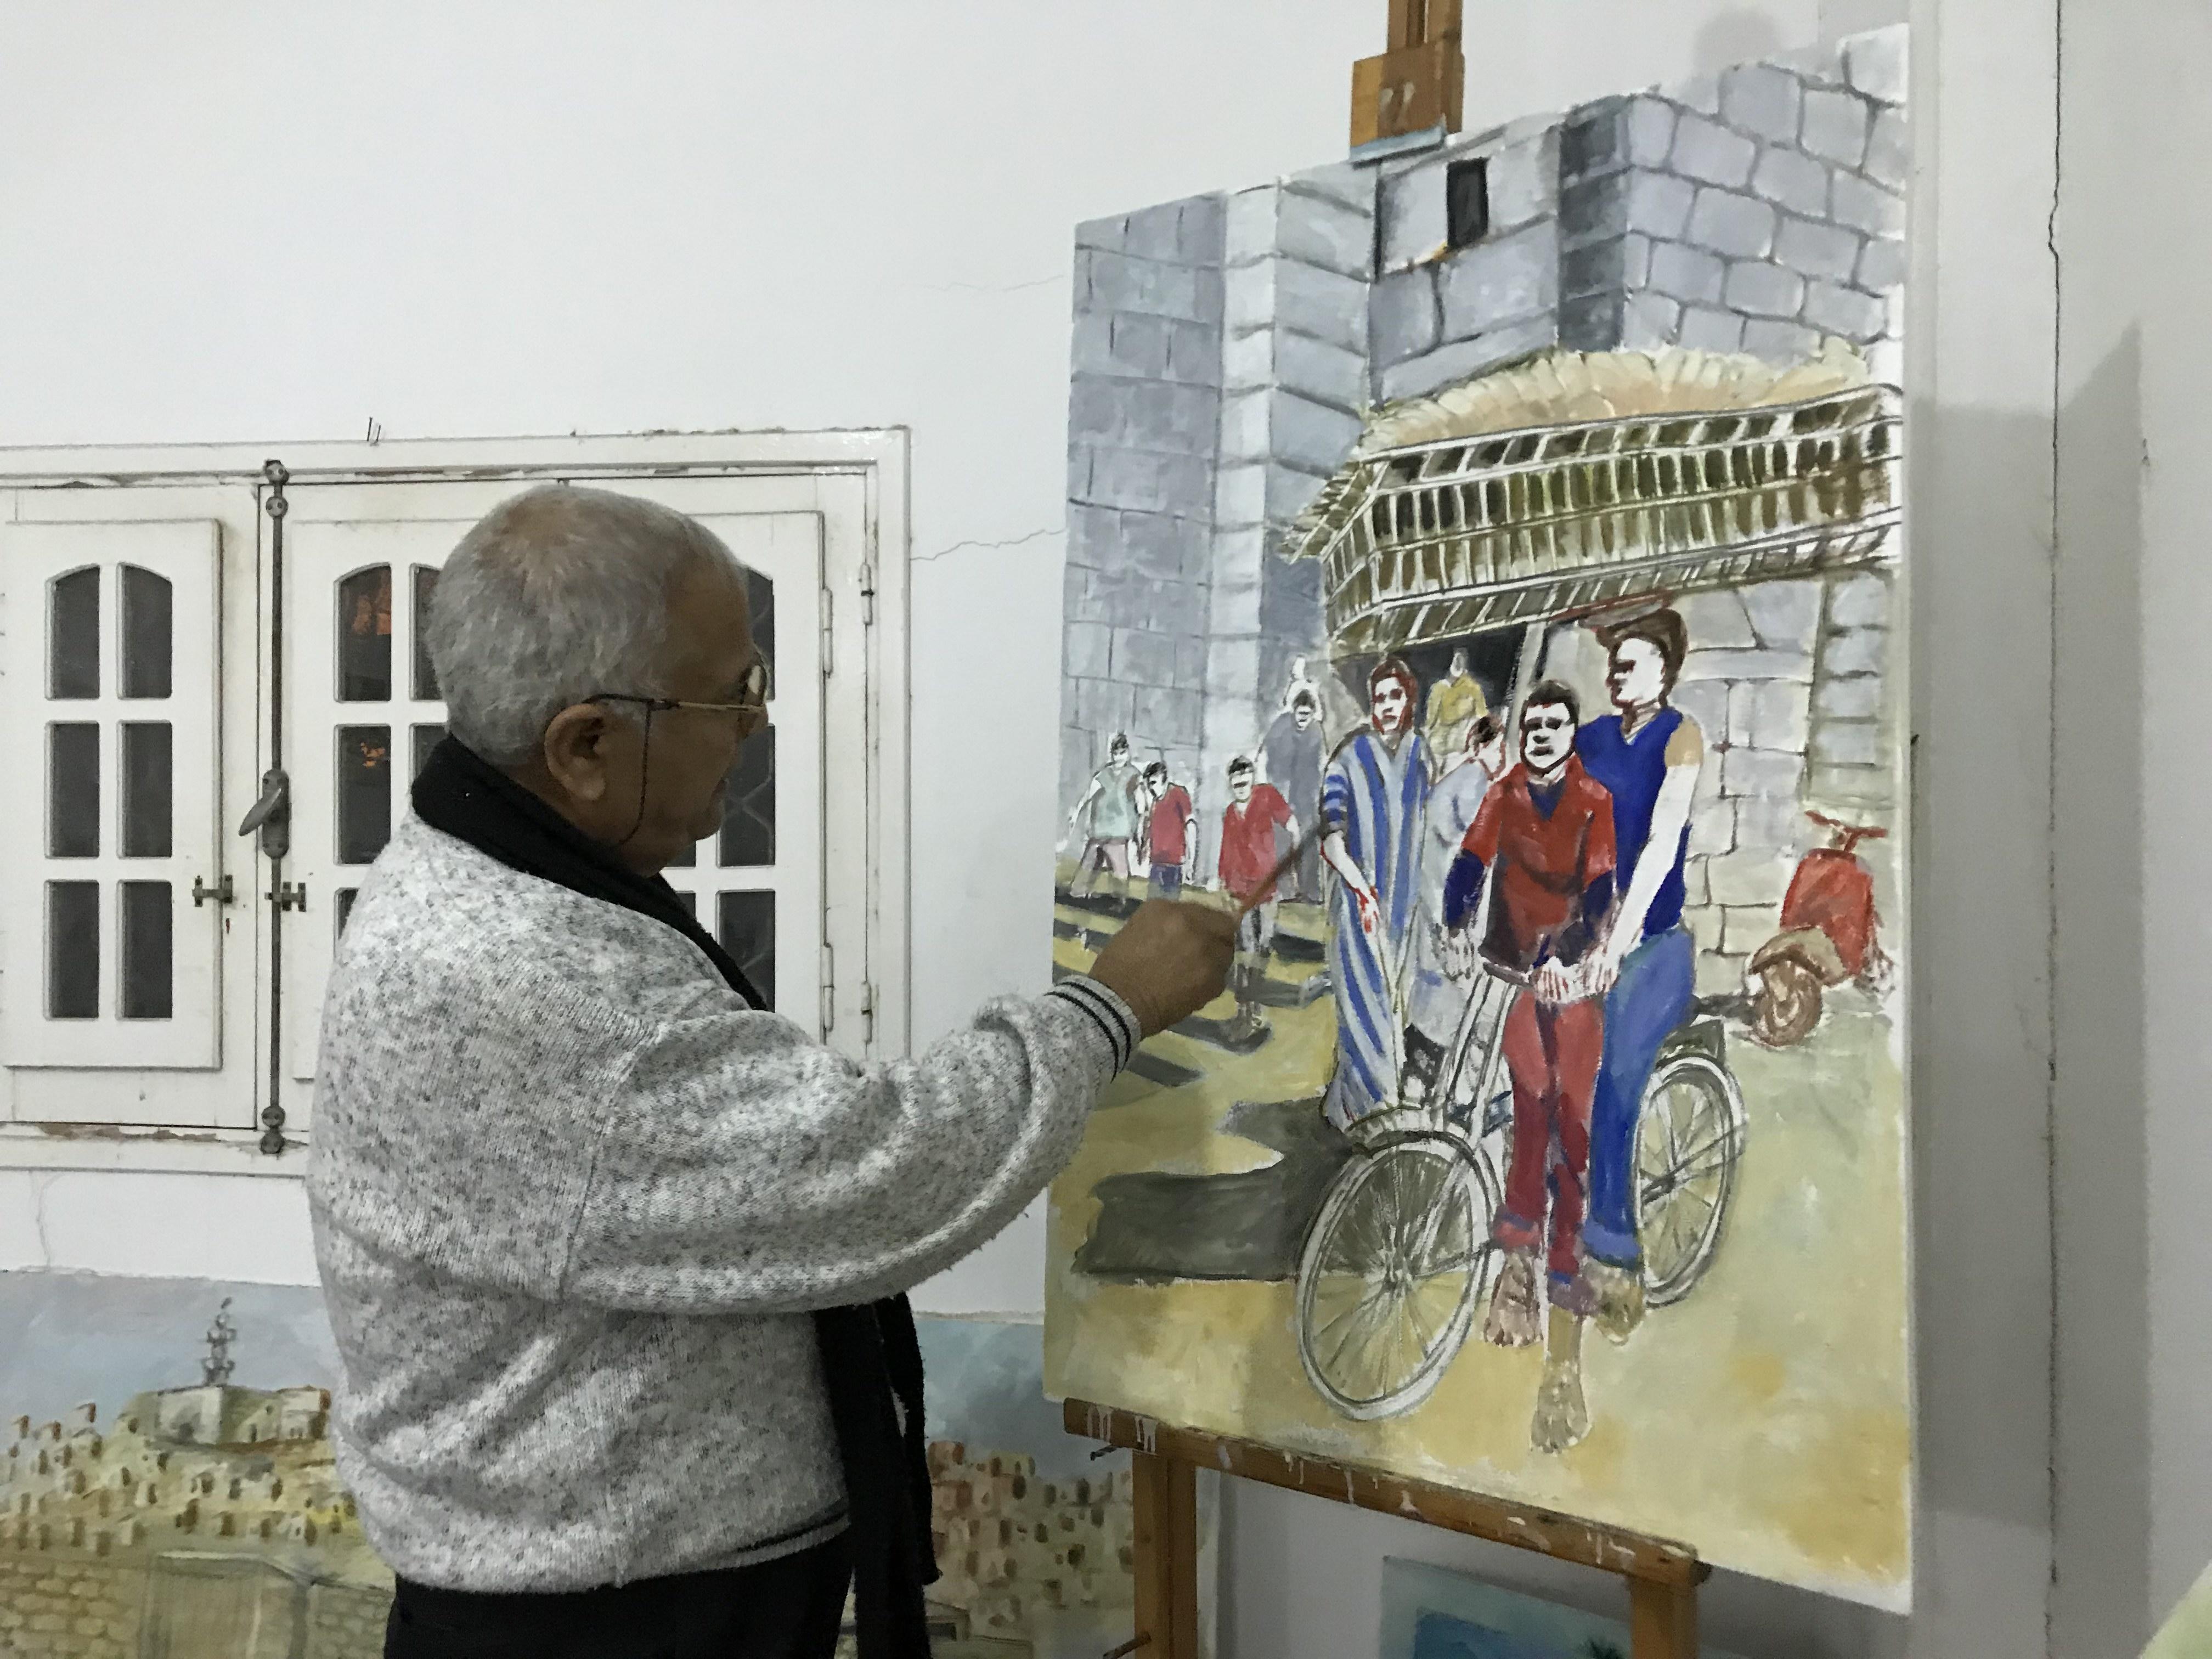 فنان تشكيلى يجسد تاريخ سيناء بالرسوم (11)